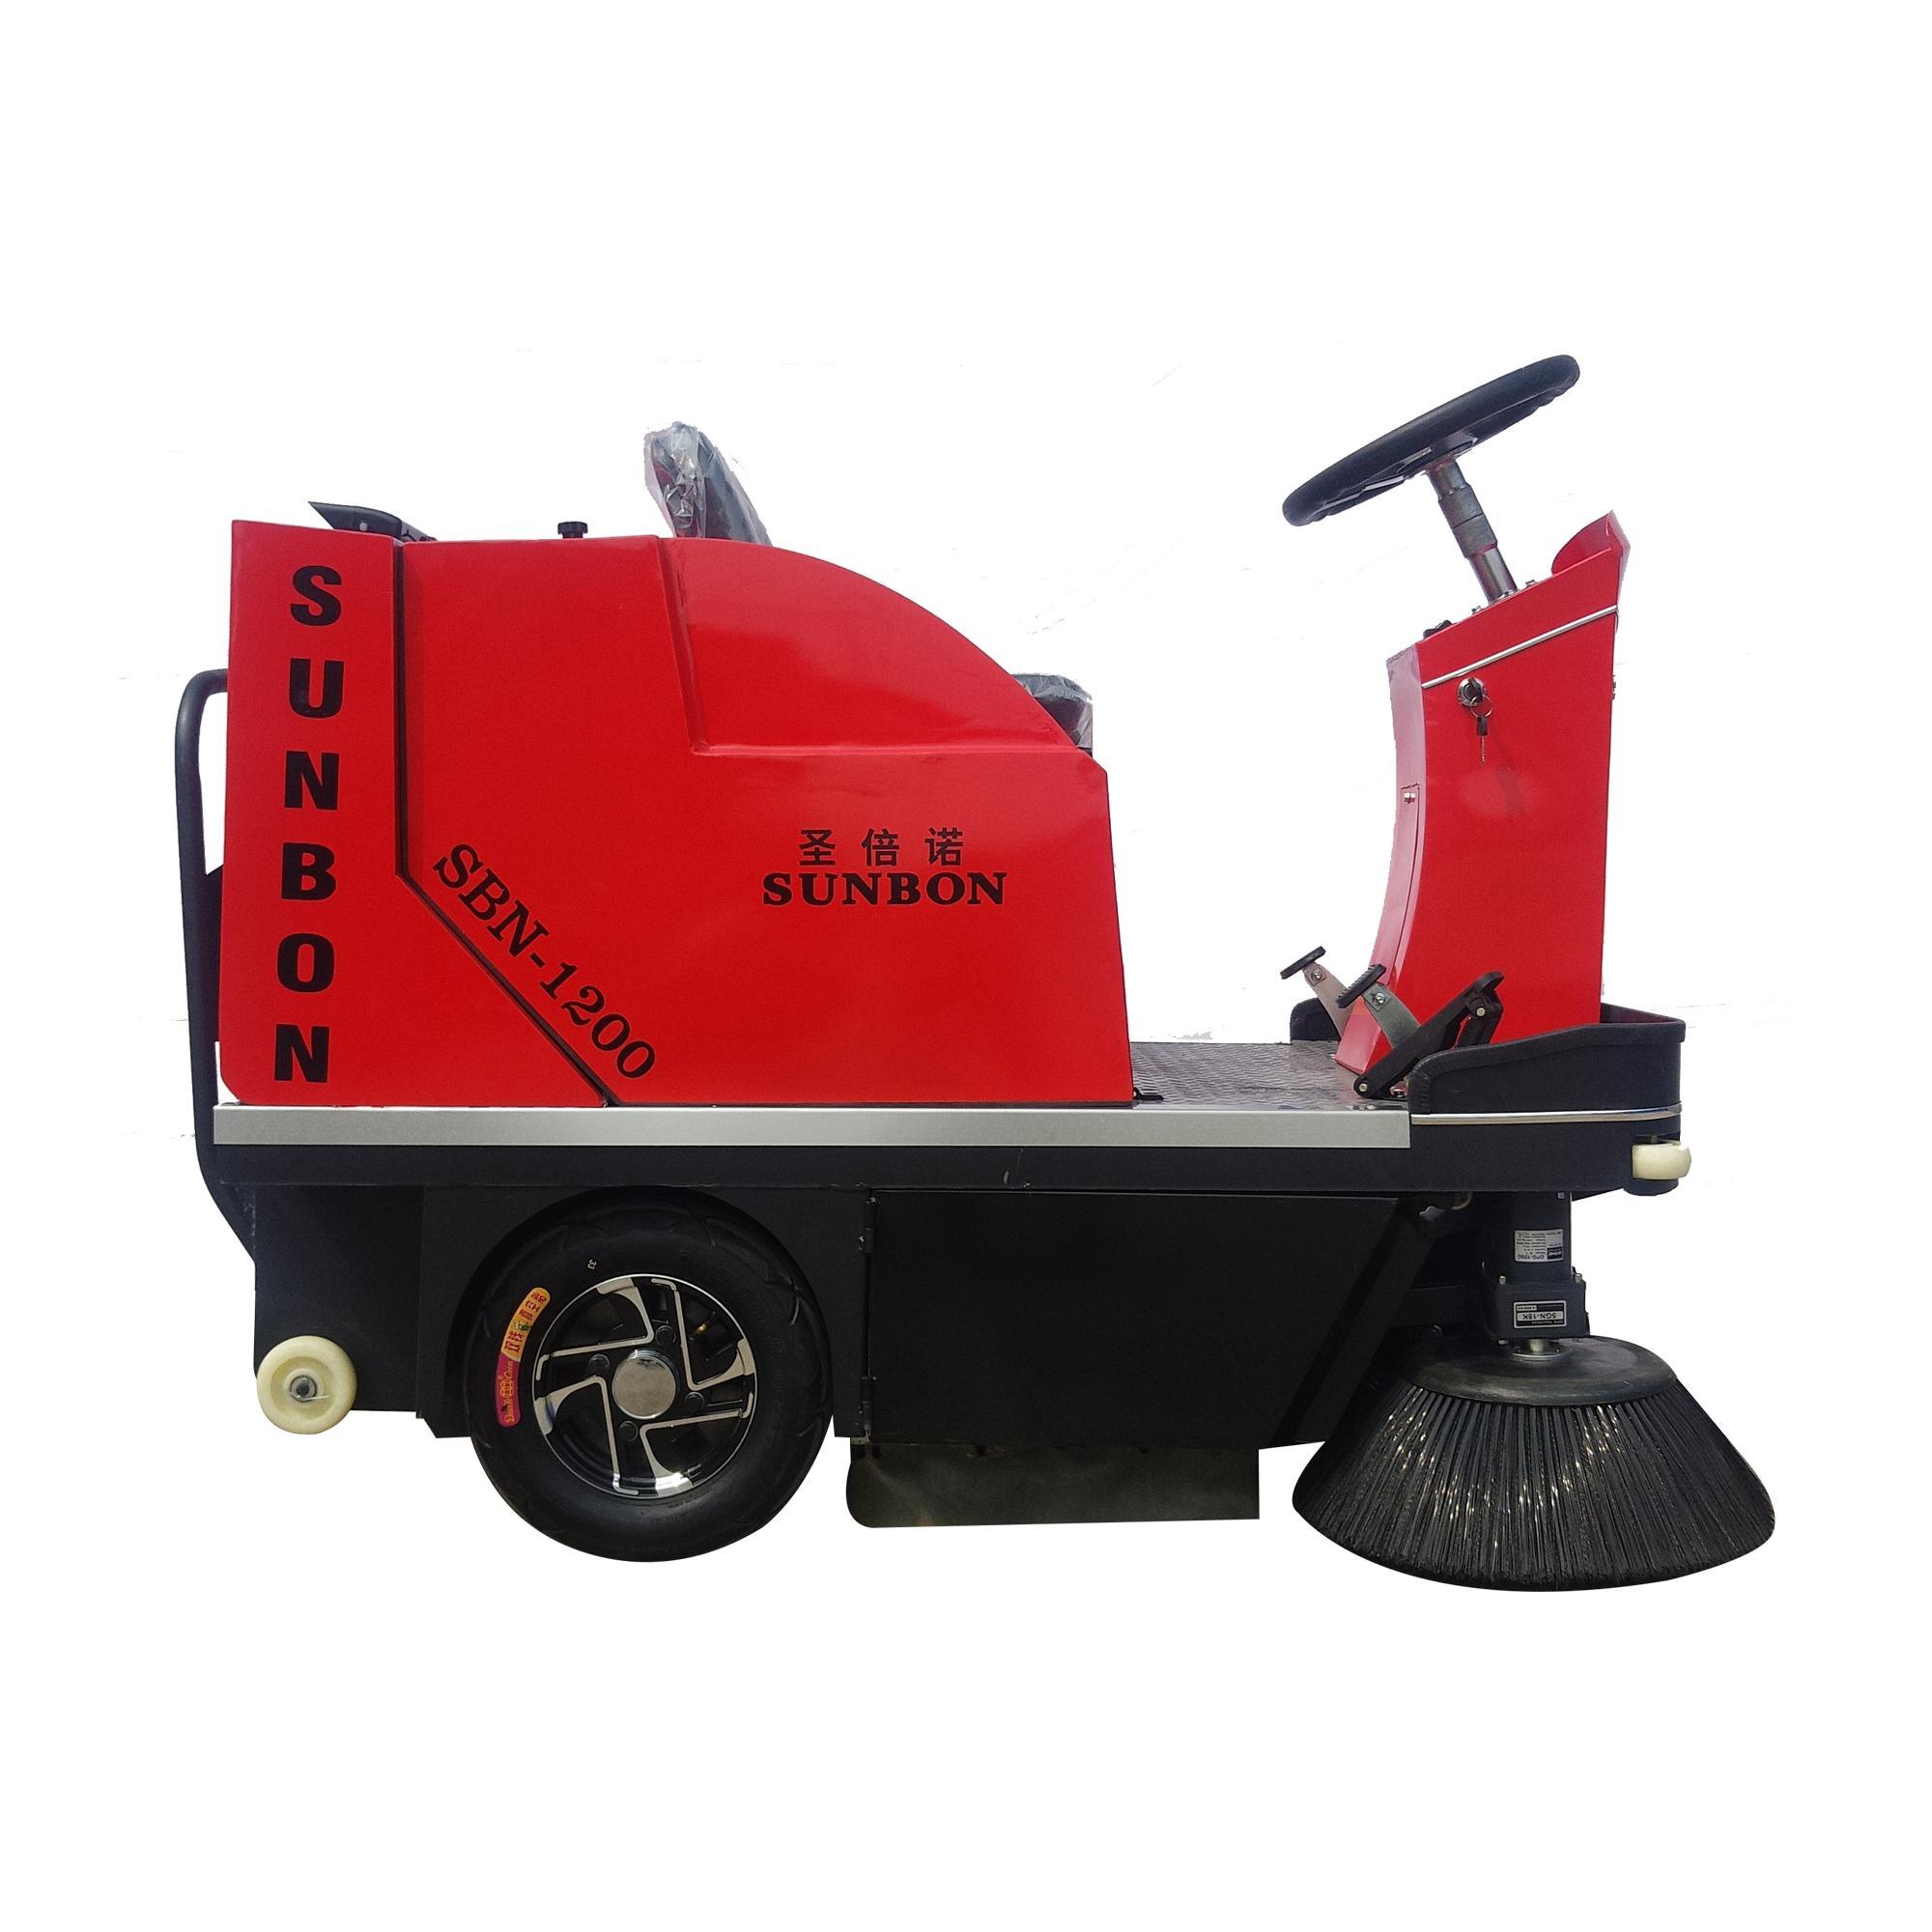 圣倍诺小型扫地车/小型清扫车/工厂扫地车/车间扫地机